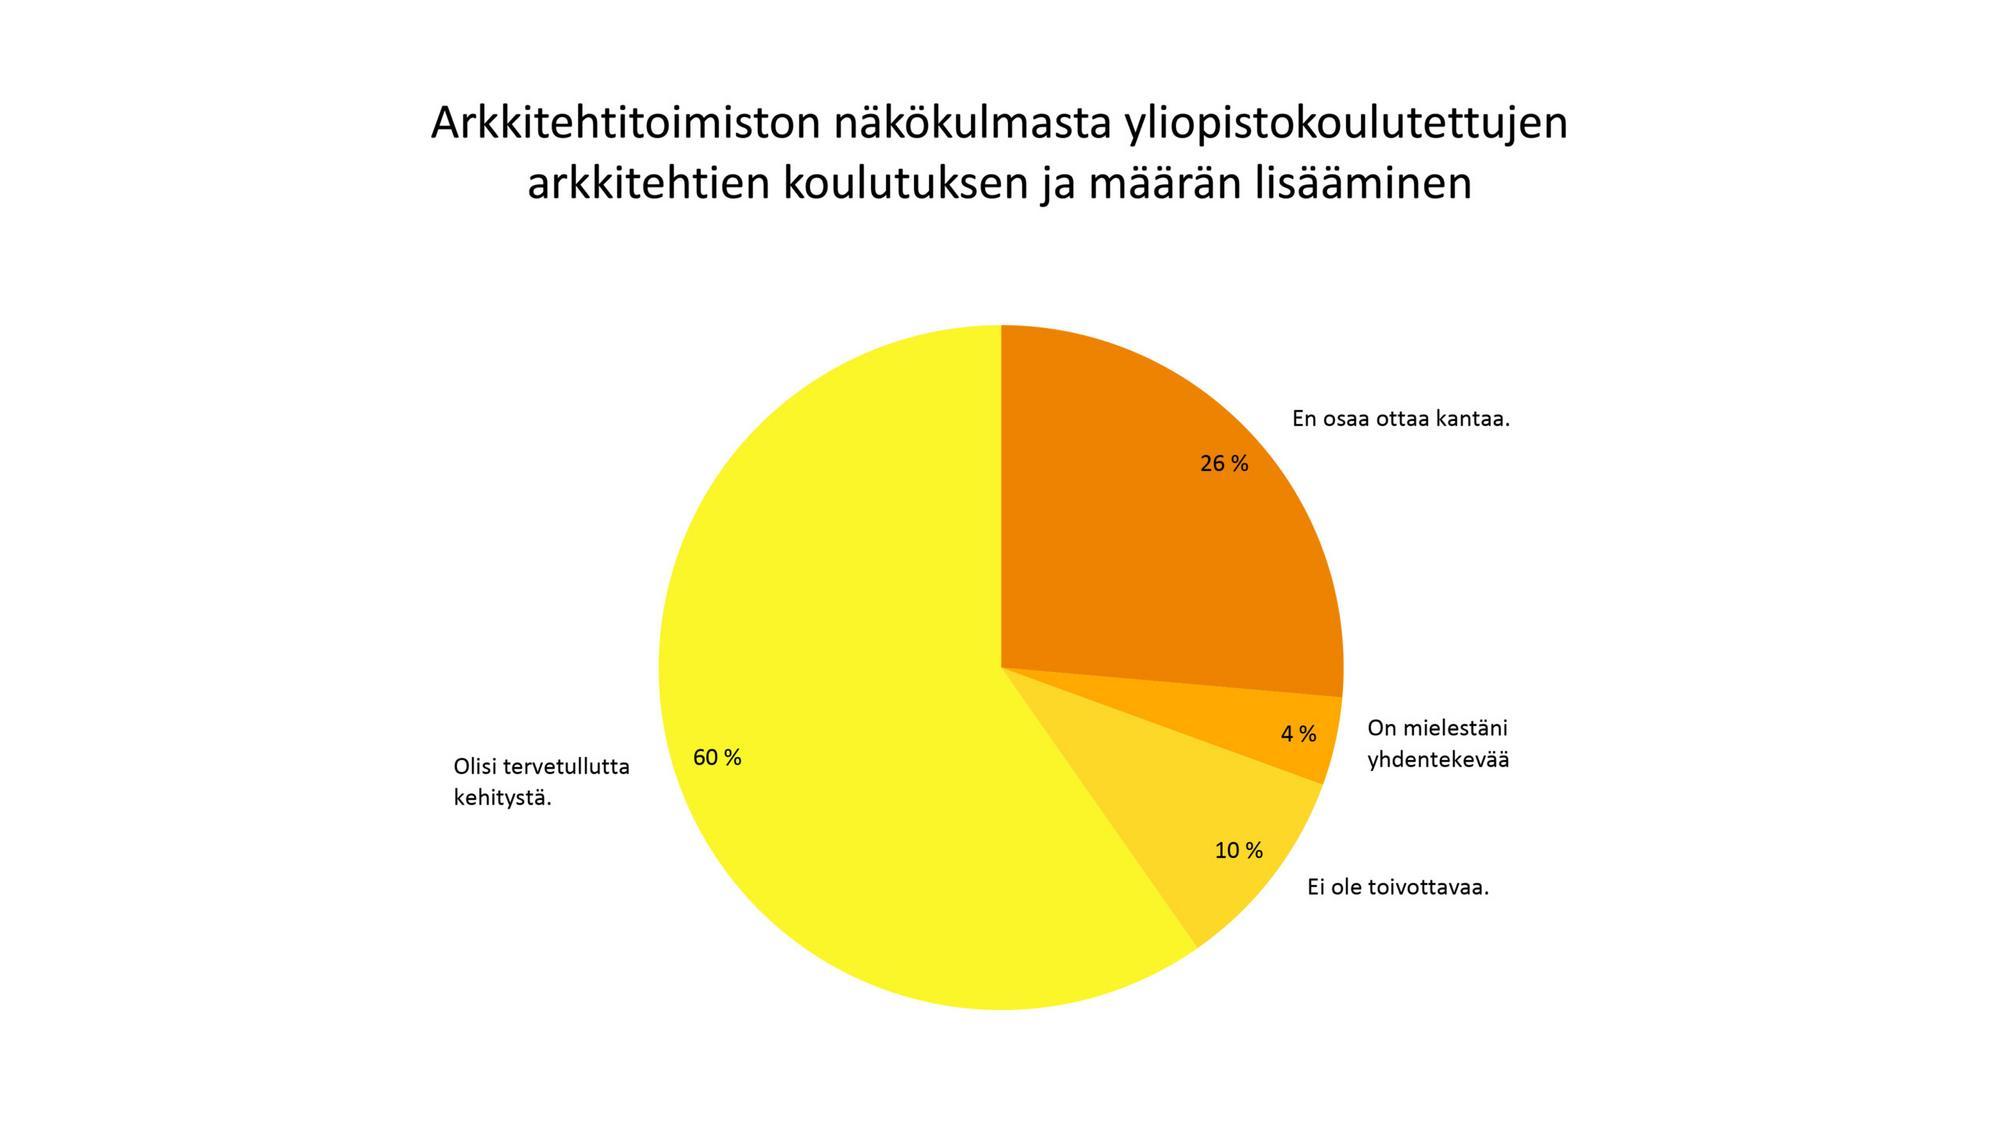 Infograafi aiheesta Arkkitehtitoimistojen näkökulmasta yliopistokoulutettujen arkkitehtien koullutuksen ja määrän lisääminen.